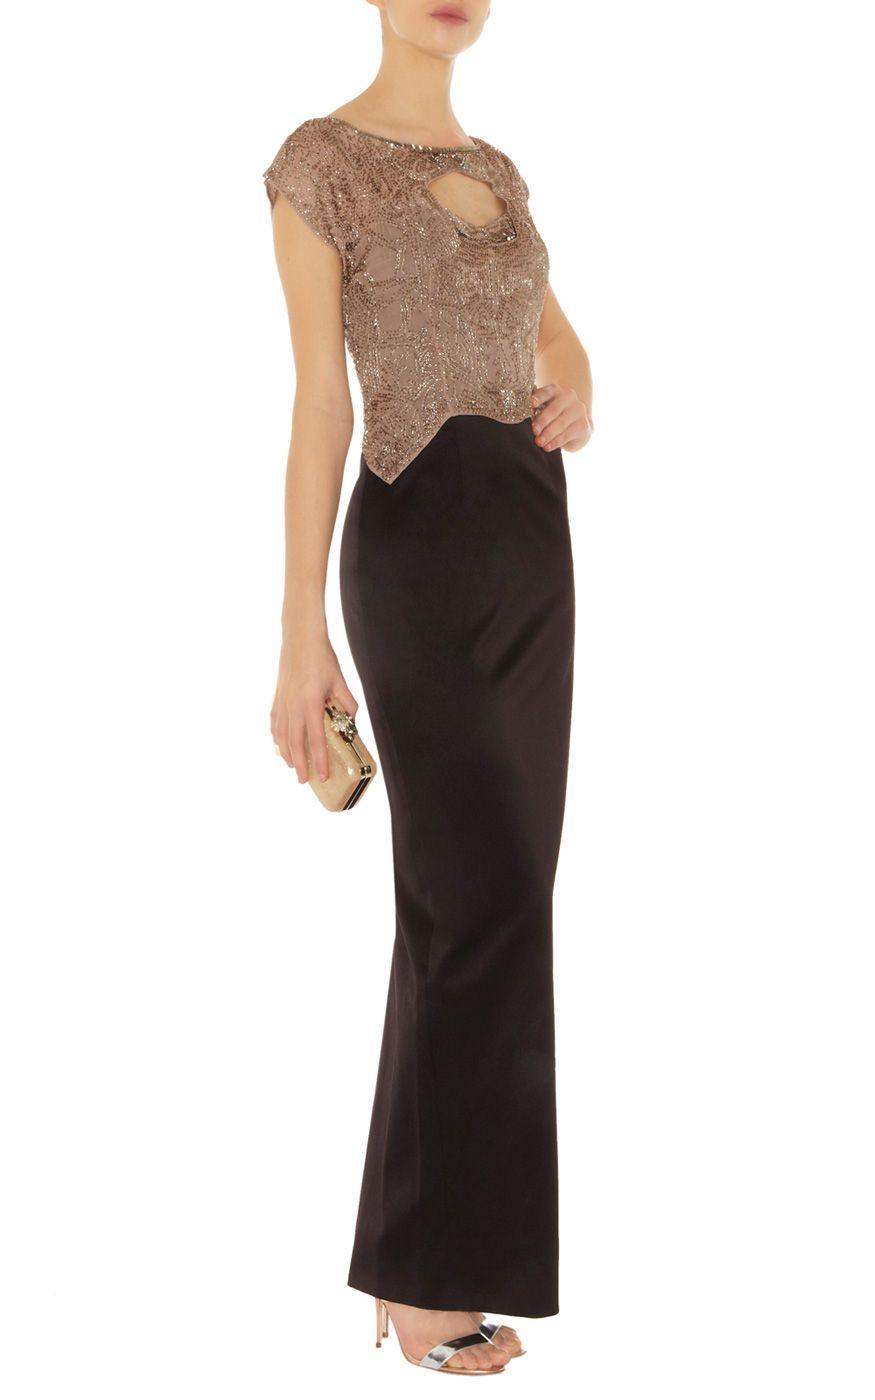 Statement beaded long dress Karen Millen   evening gowns   Pinterest ...